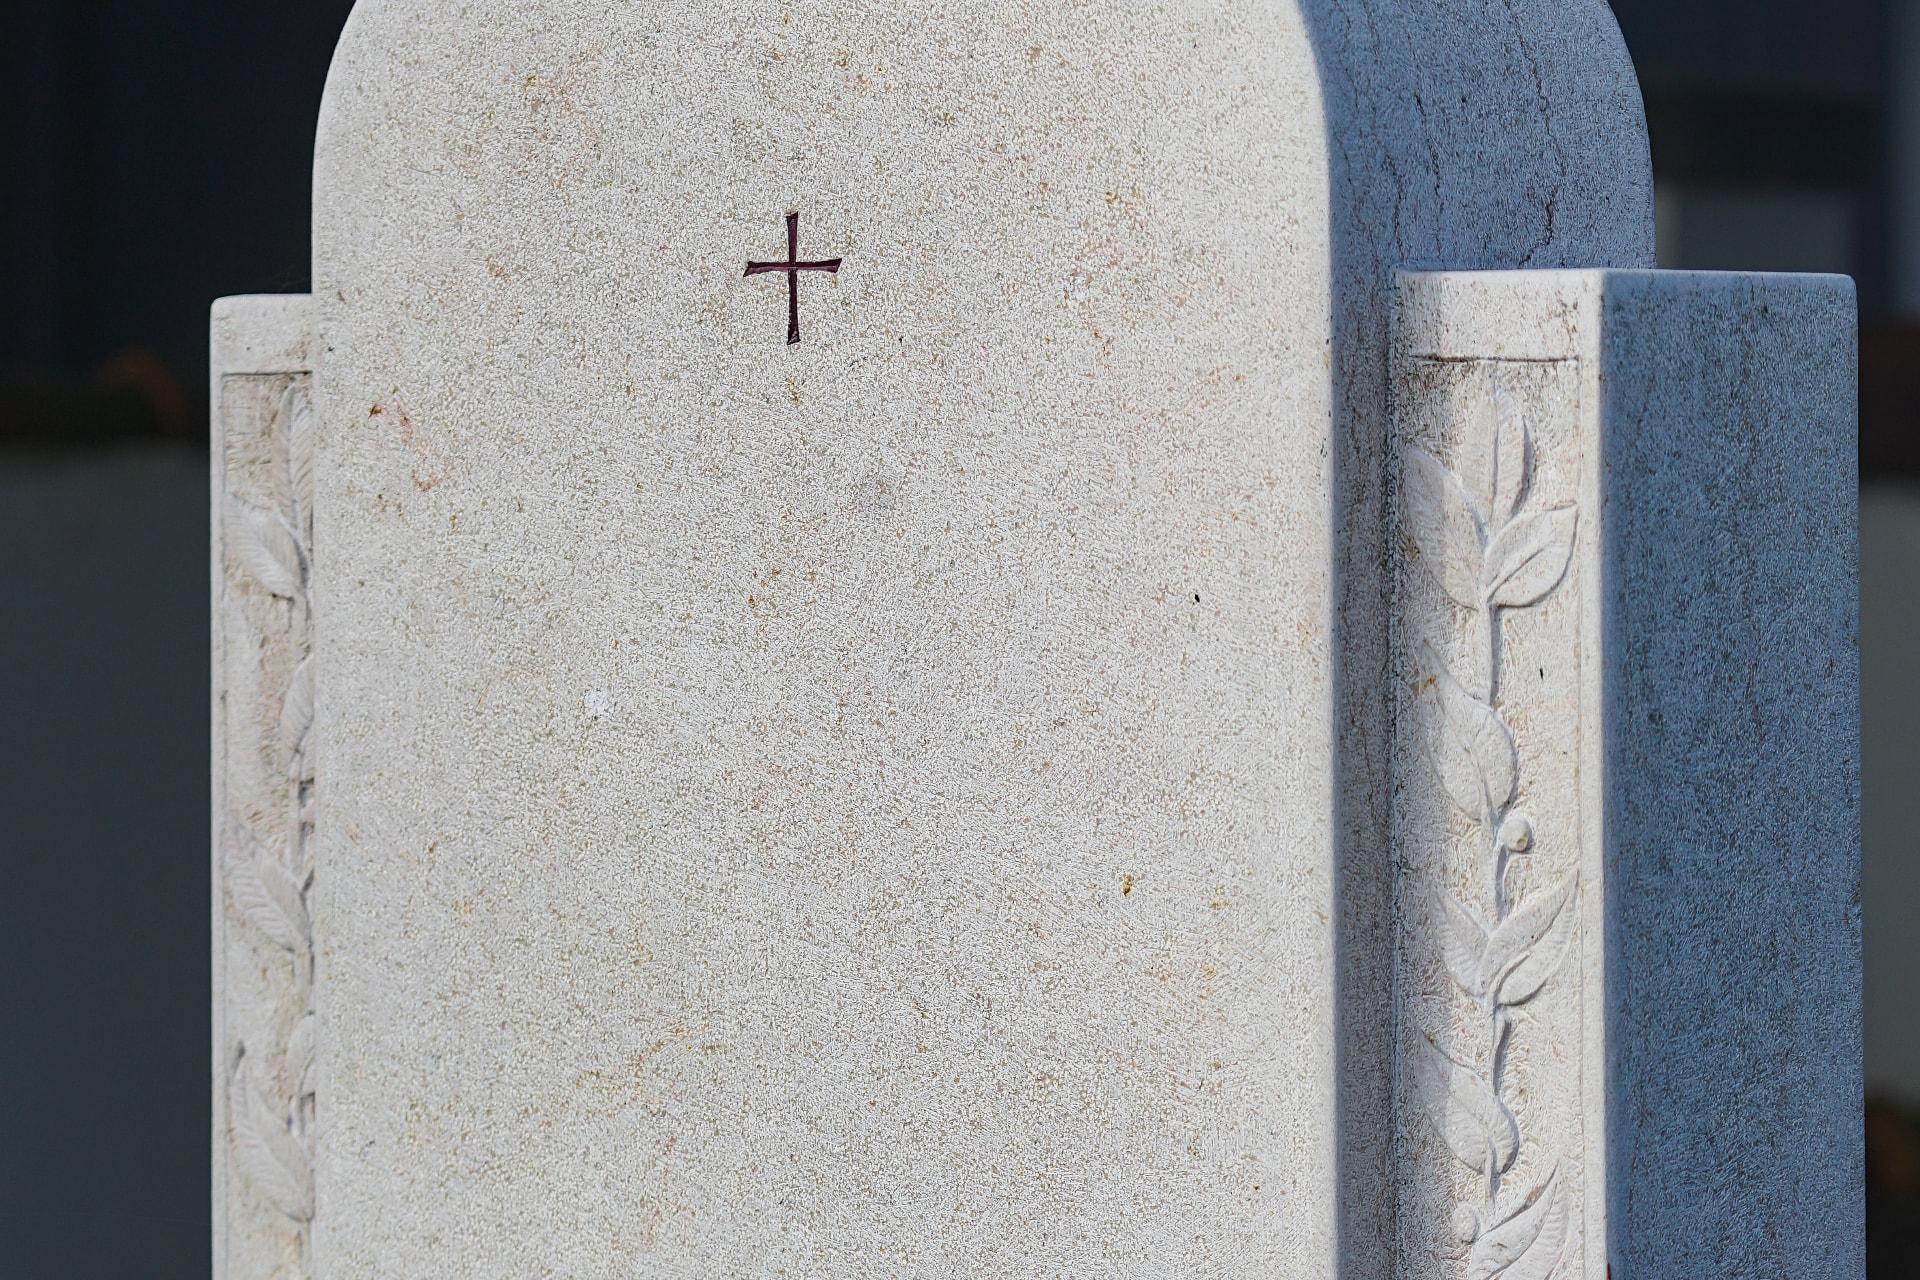 Stele aus Comlanchien Claire mit eingearbeiteten Ornamenten